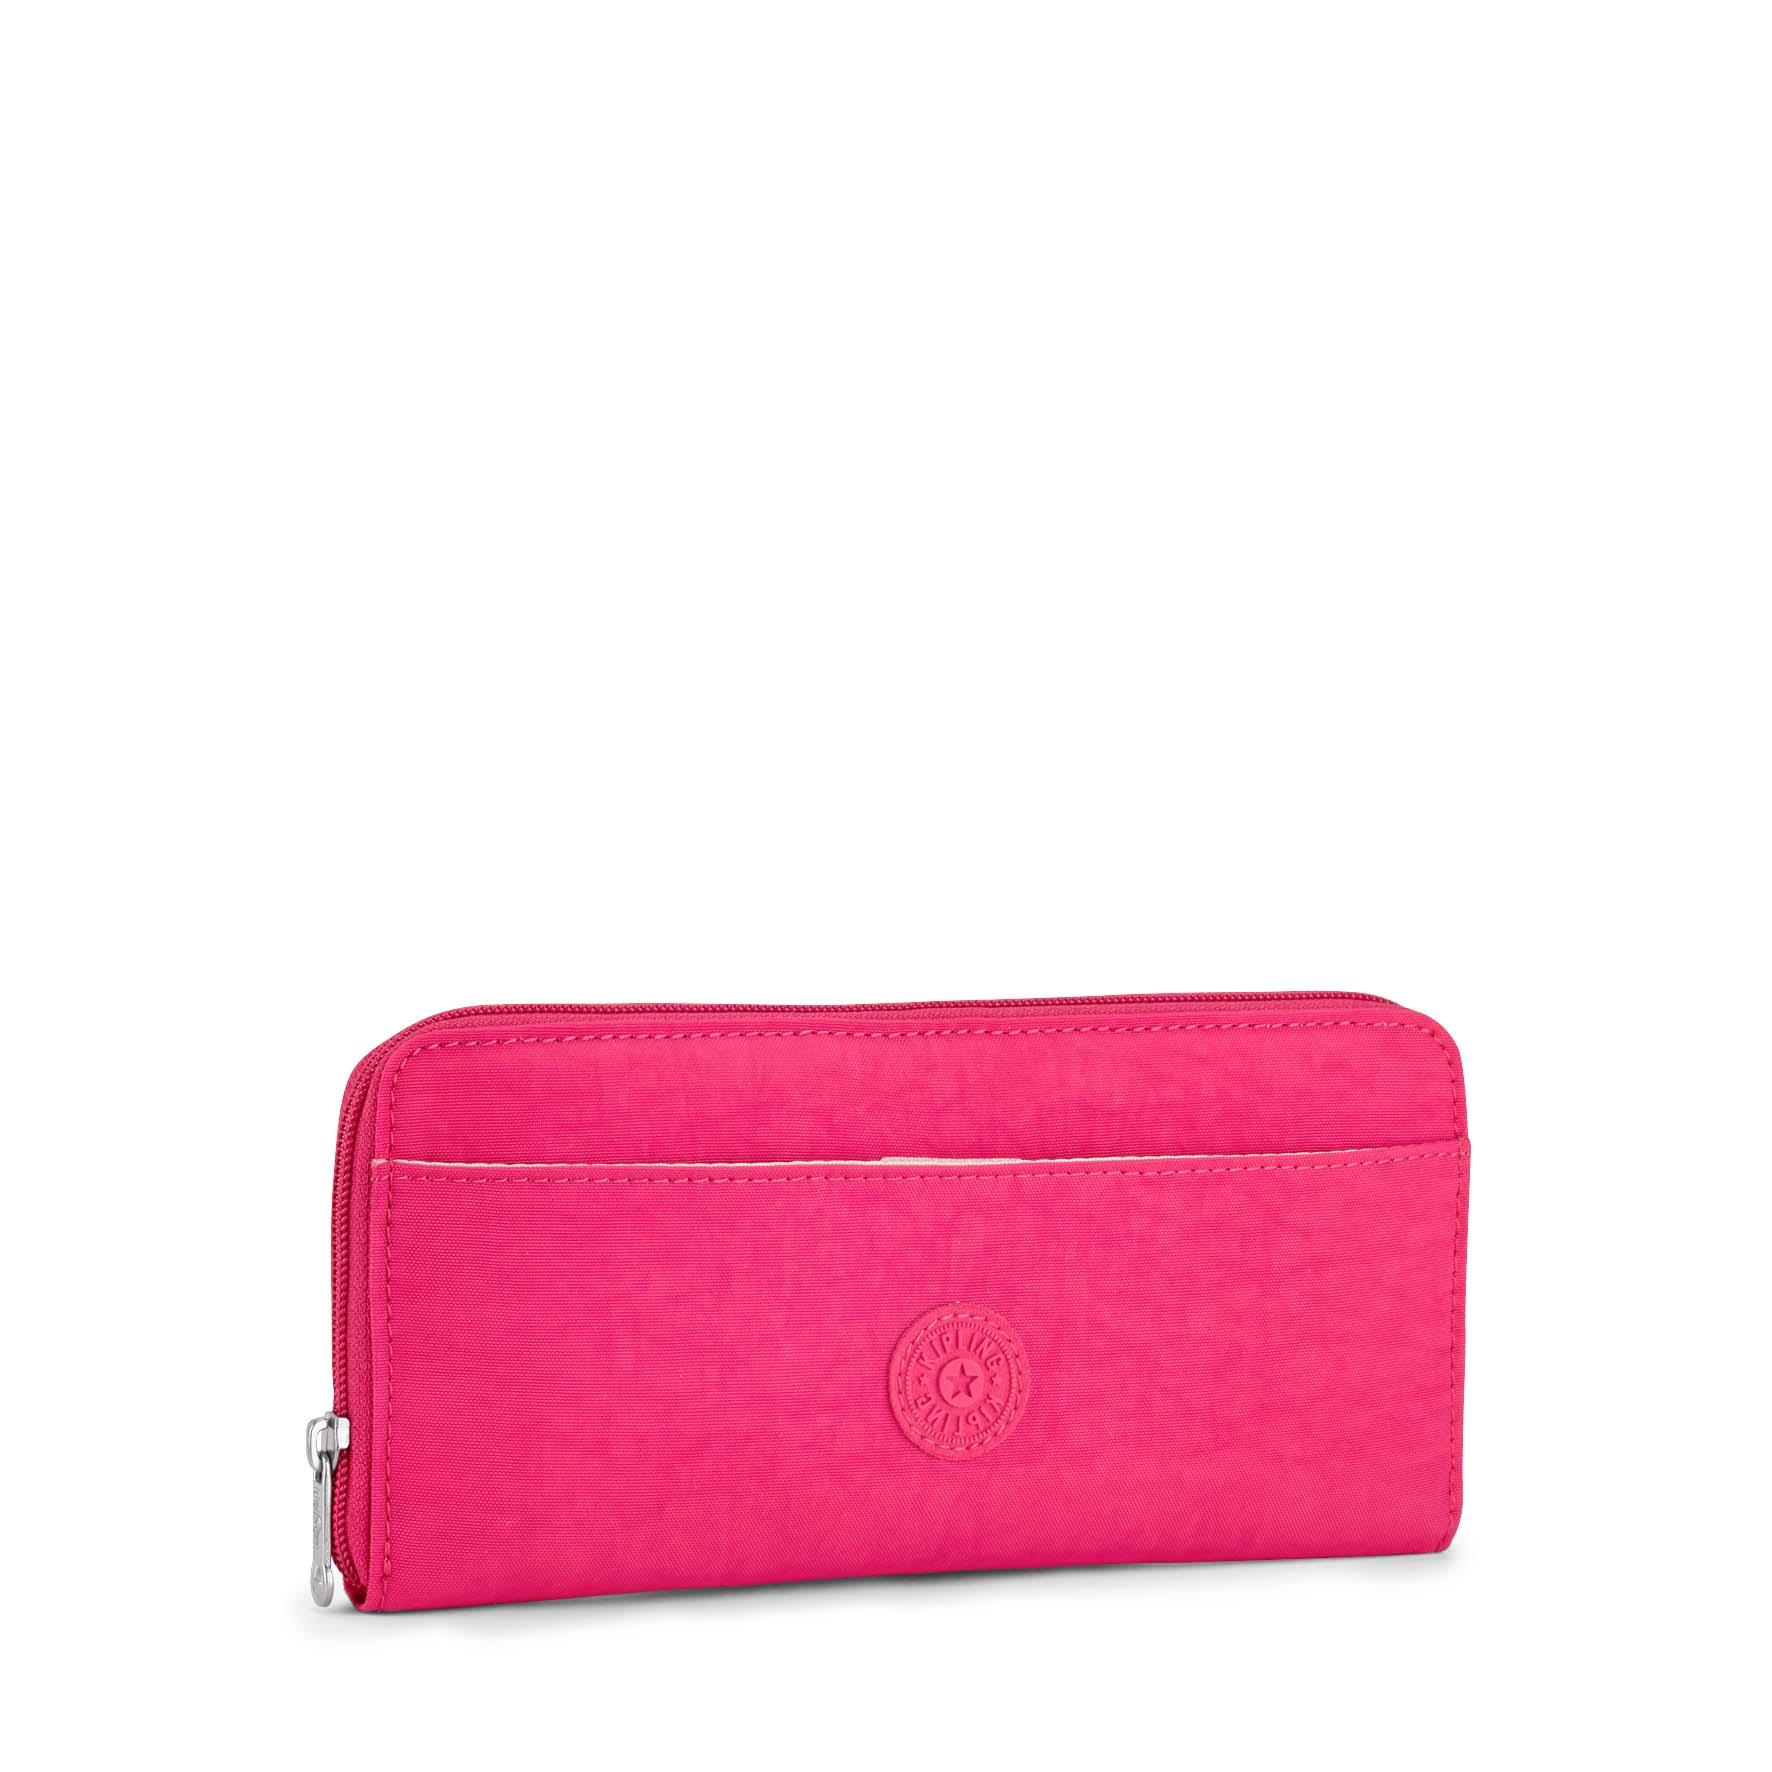 ארנק מסמכים לנסיעות Travel Doc - Cherry Pink Cורוד דובדבנים